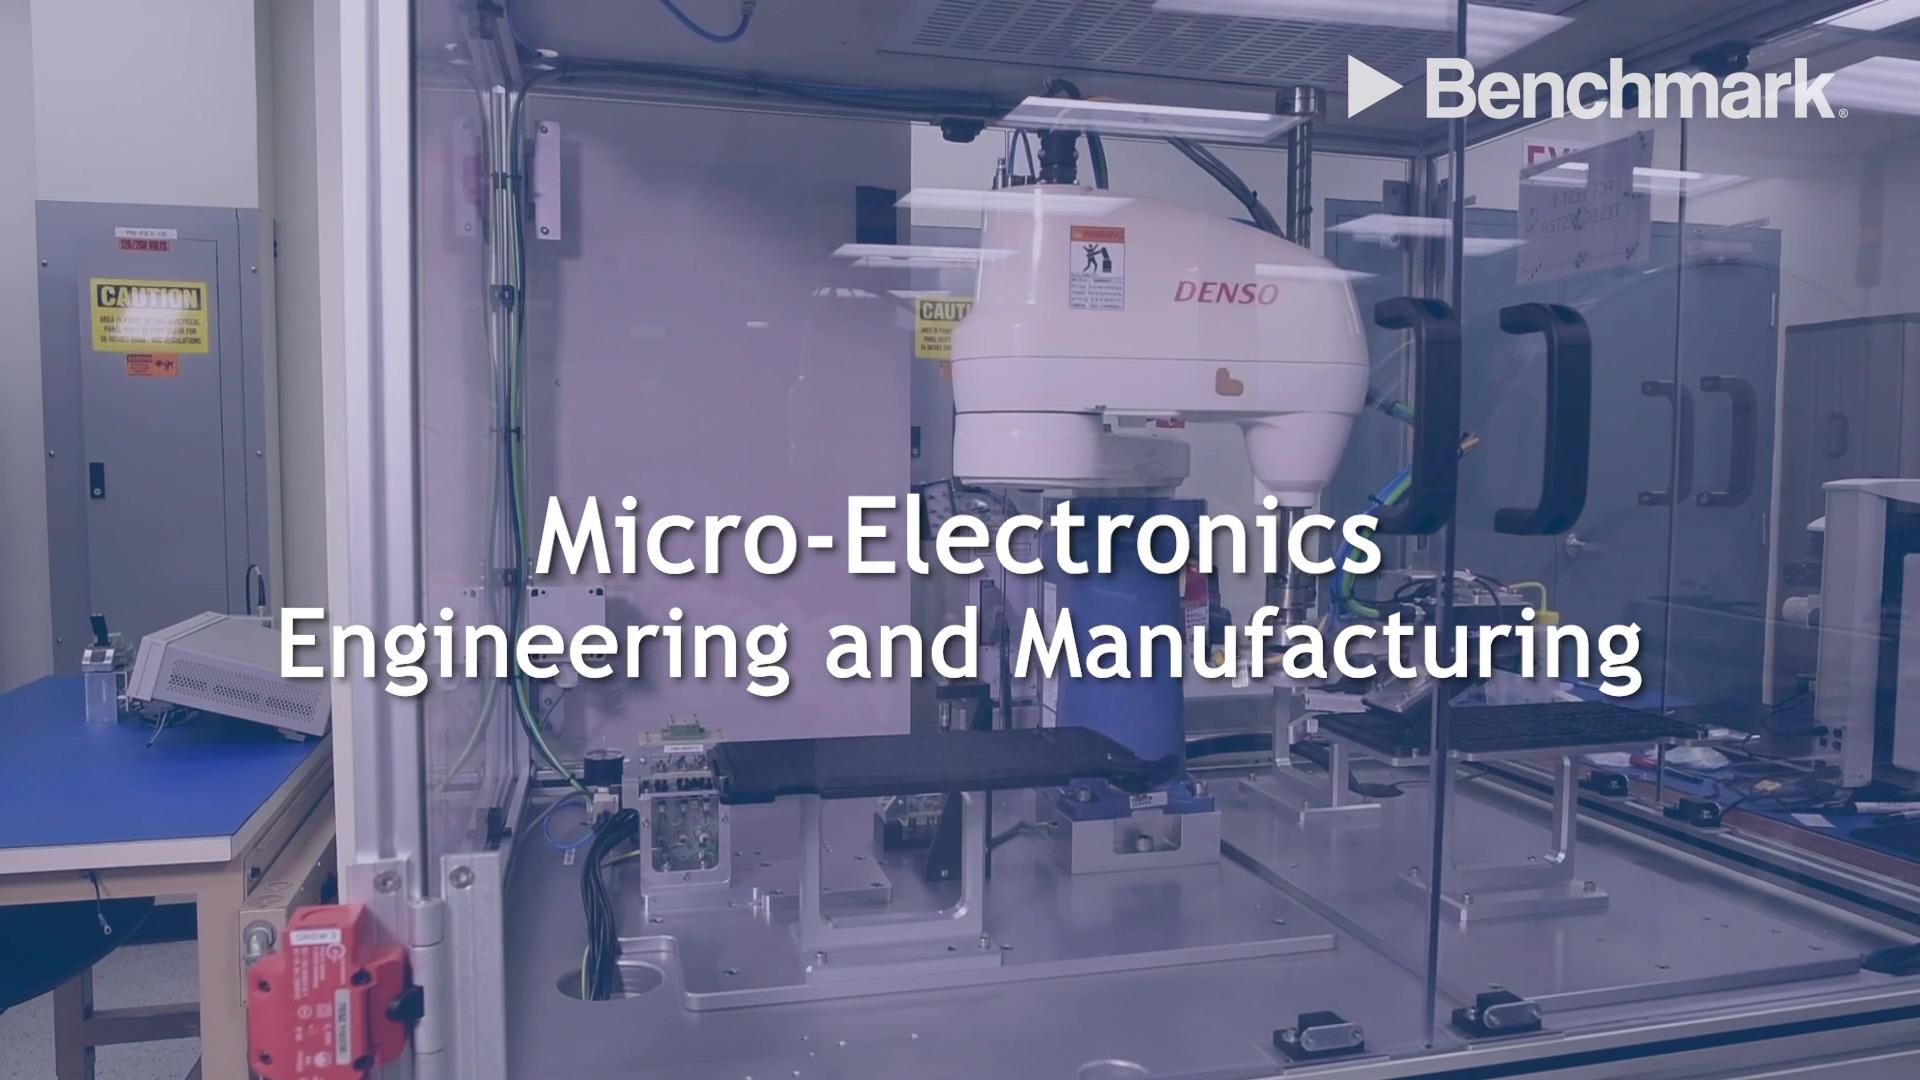 Benchmark-Micro-E